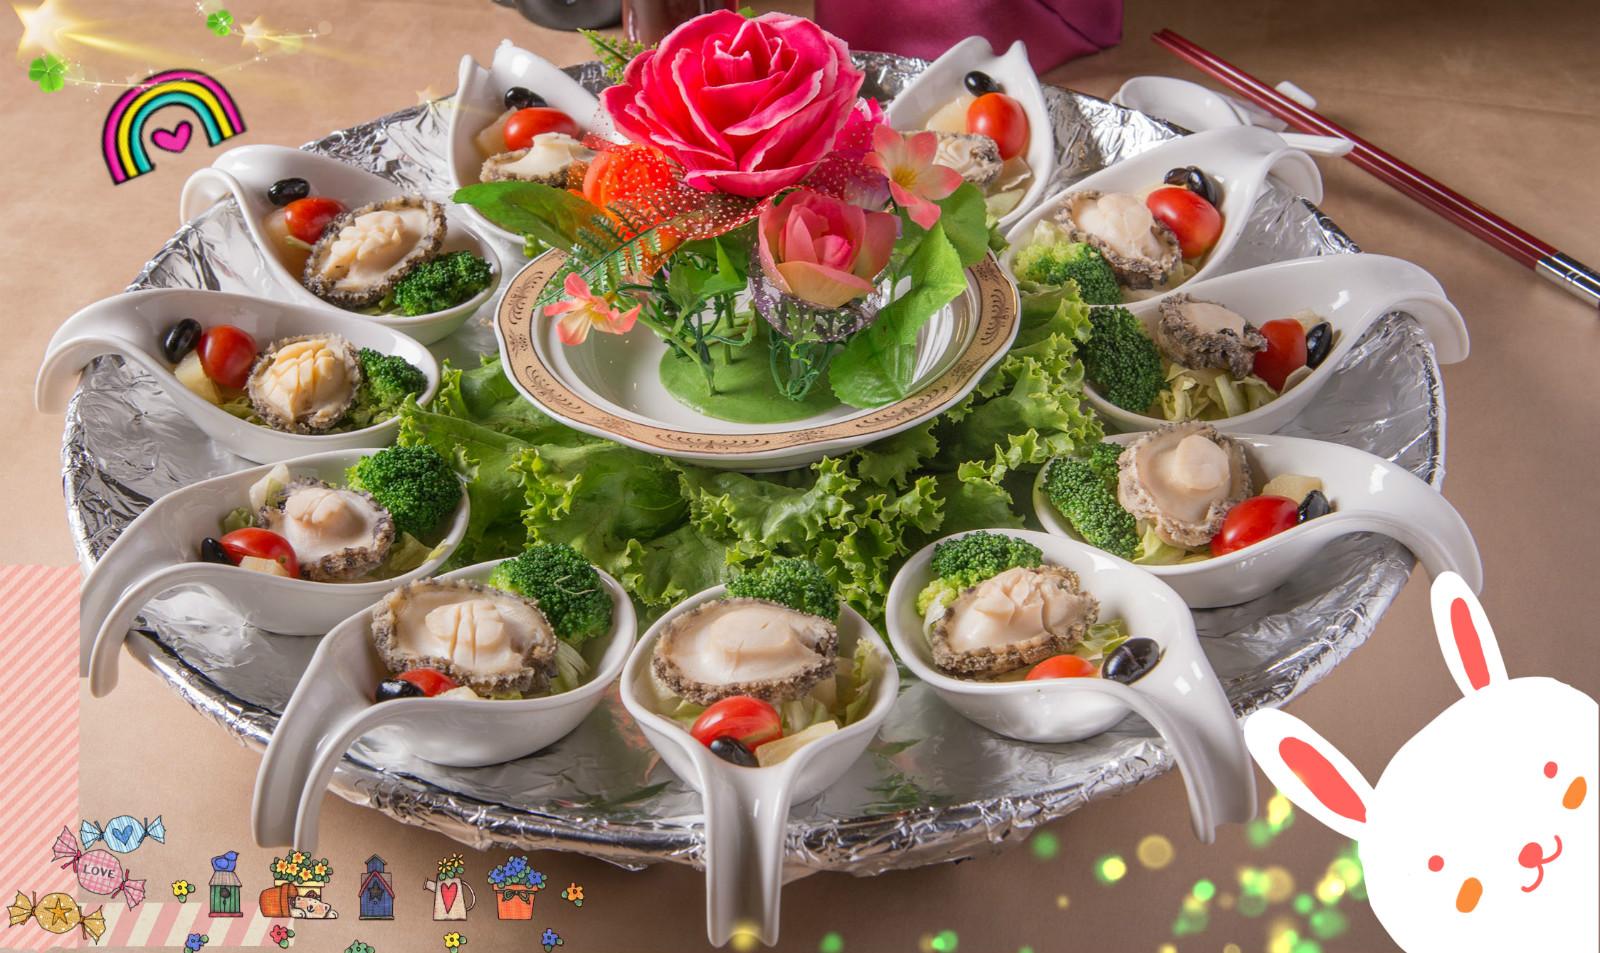 高雄尊龍大飯店-老師傅上菜,豐富你的味蕾 (5)_3